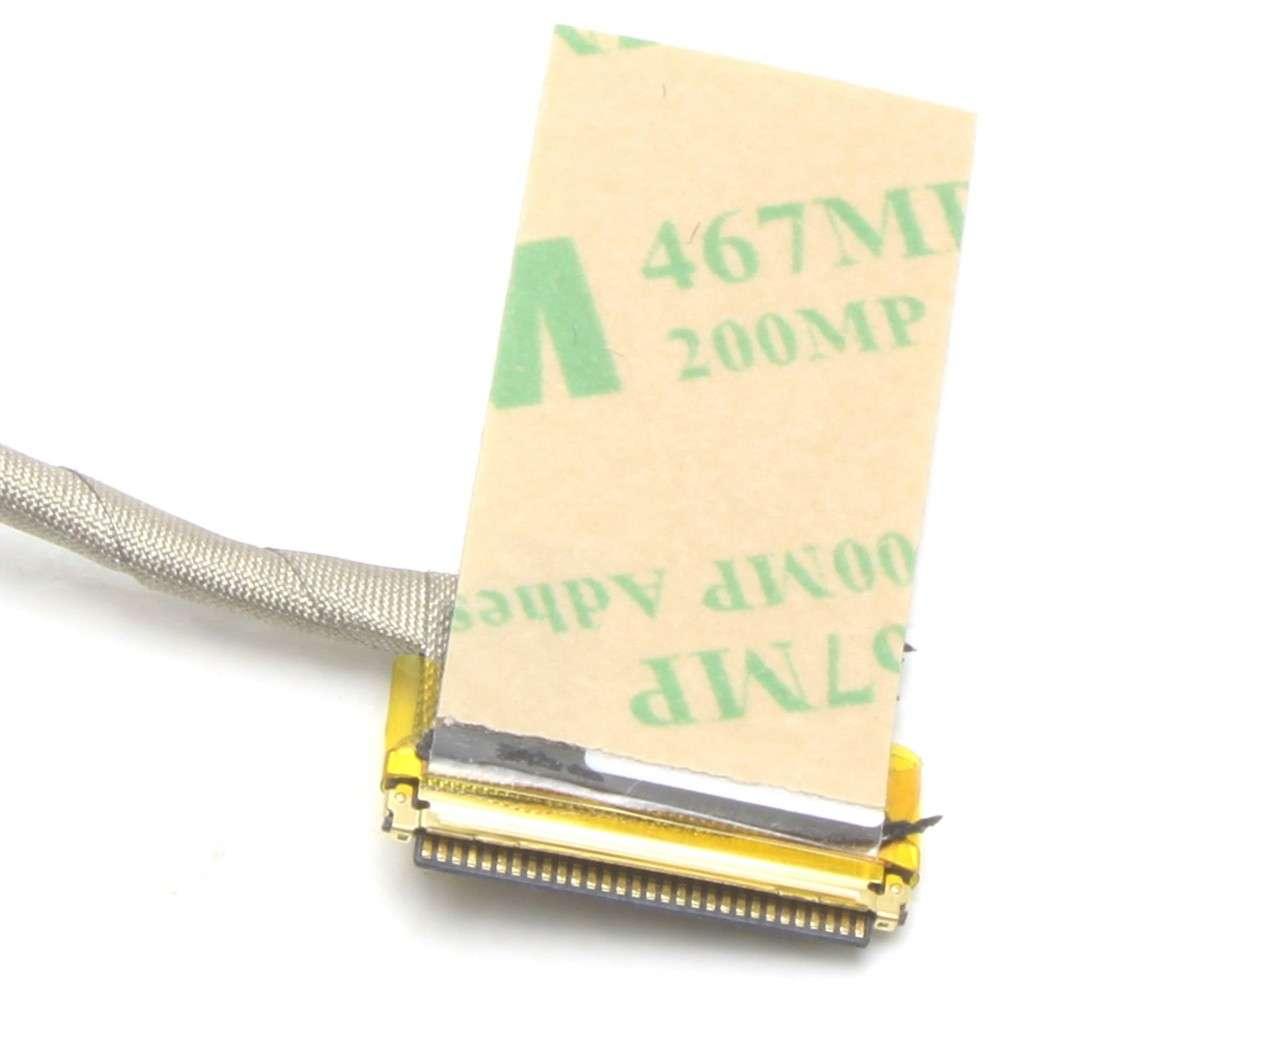 Cablu video LVDS Asus 1422 01VW0AS Full HD imagine